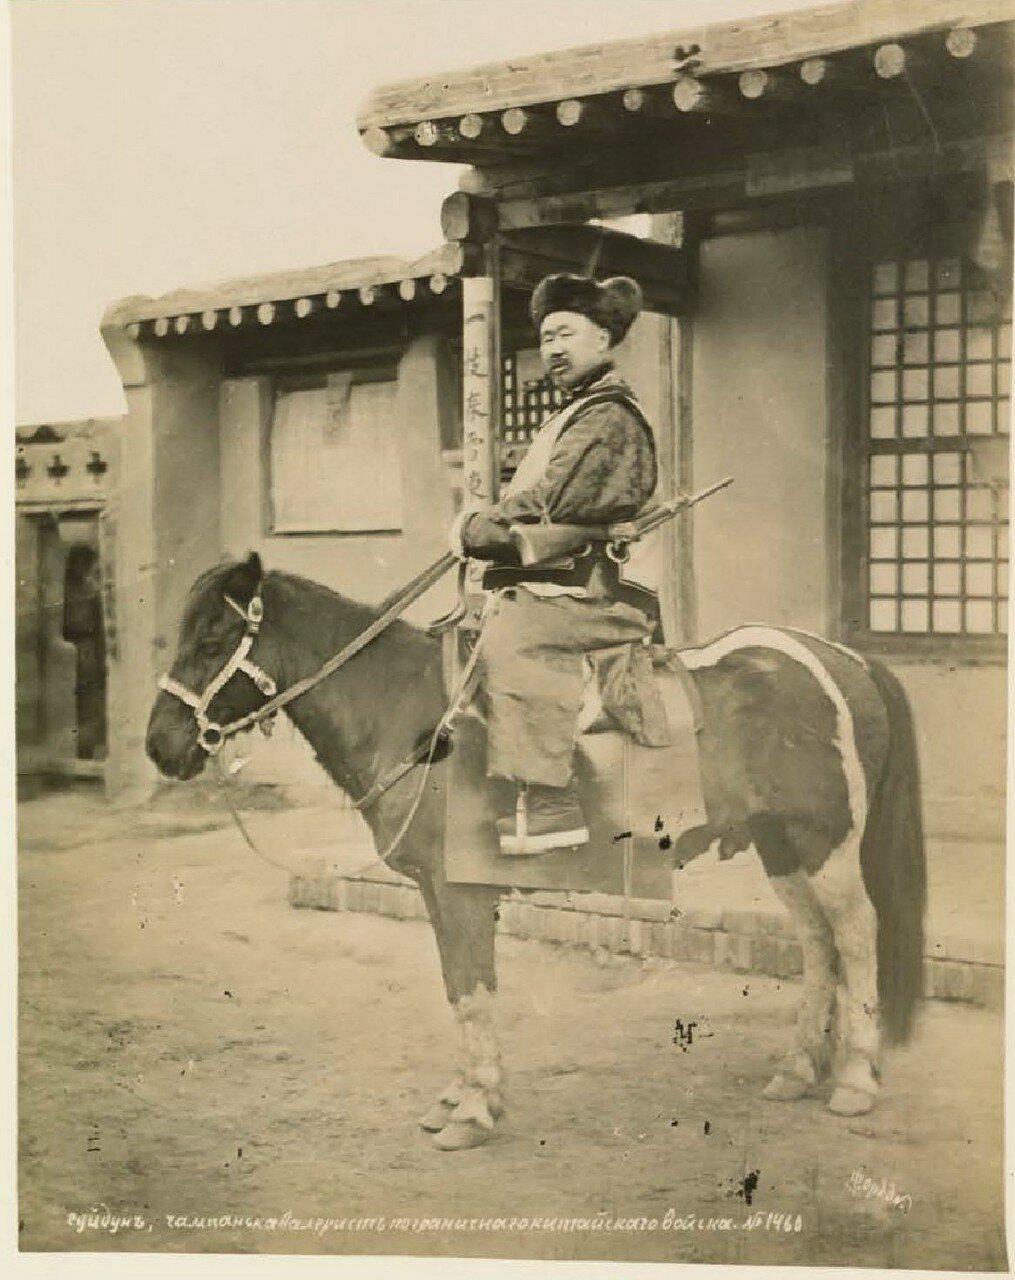 Суйдун (до 1898г. главный административный центр Илийского округа). Чампань, квалерист пограничного китайского войска